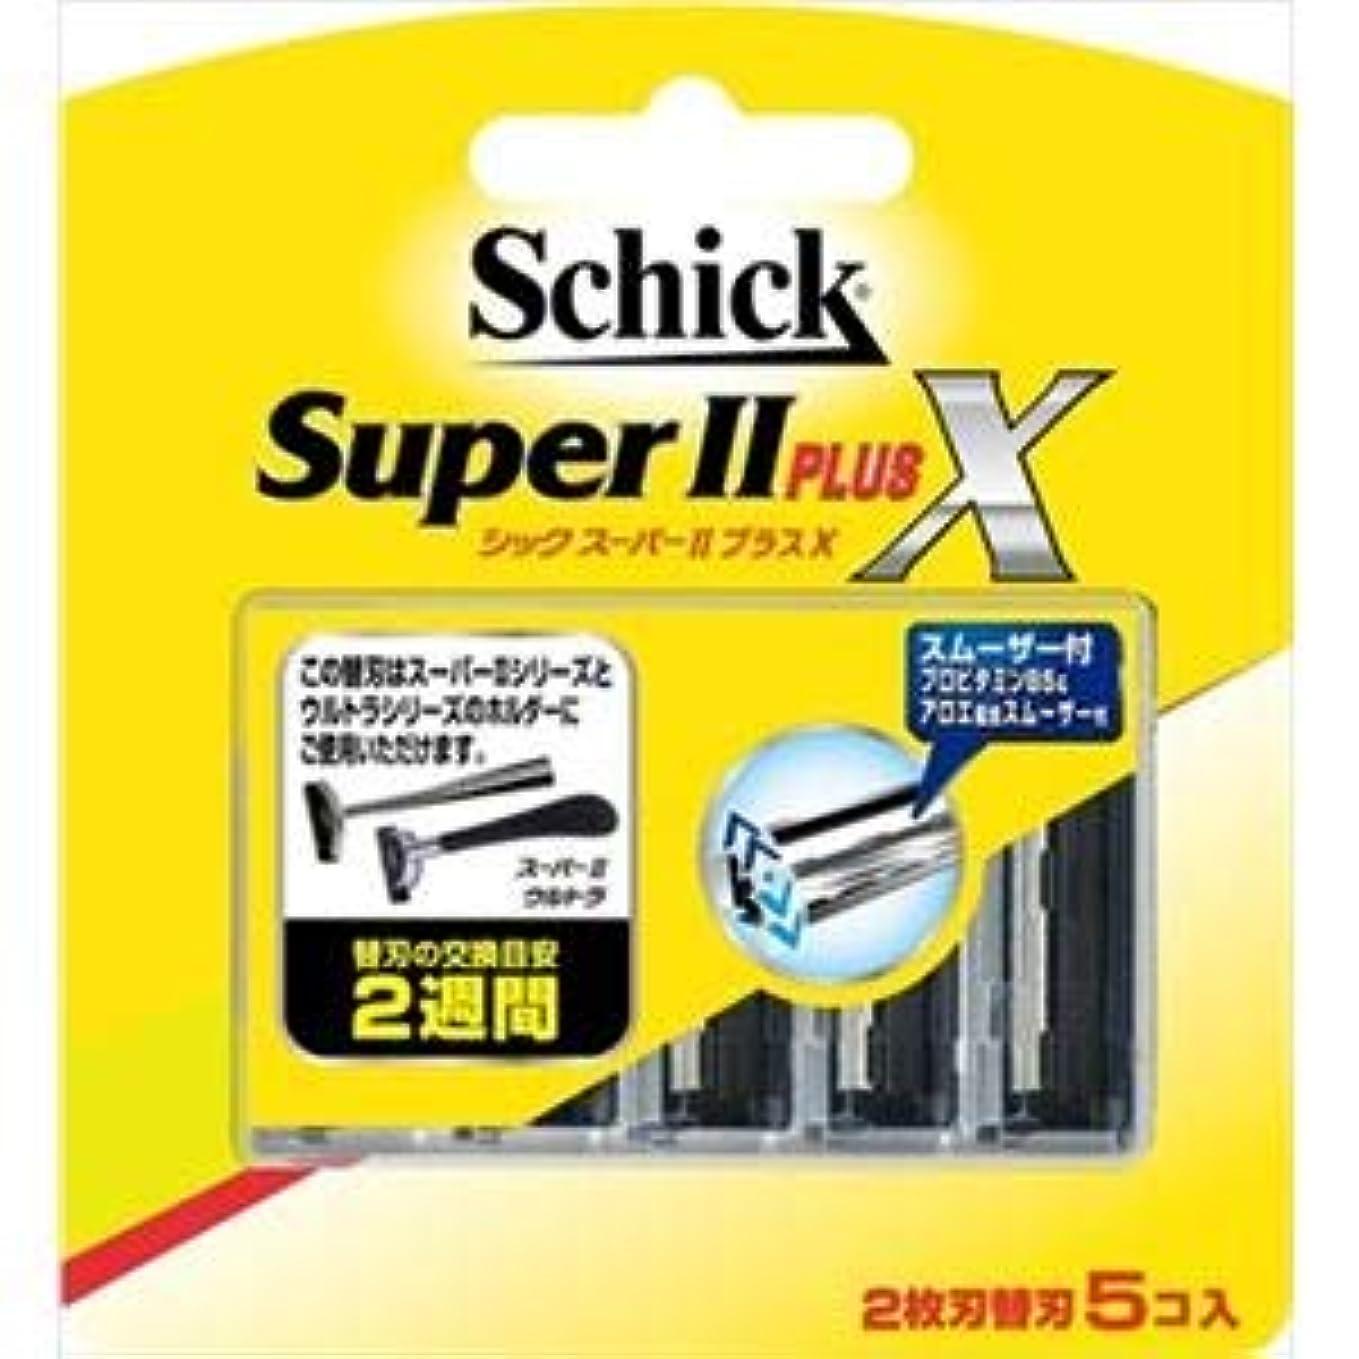 持ってる単語ロケーション(まとめ)シック(Schick) スーパー2プラス 替刃 5コ入 【×3点セット】